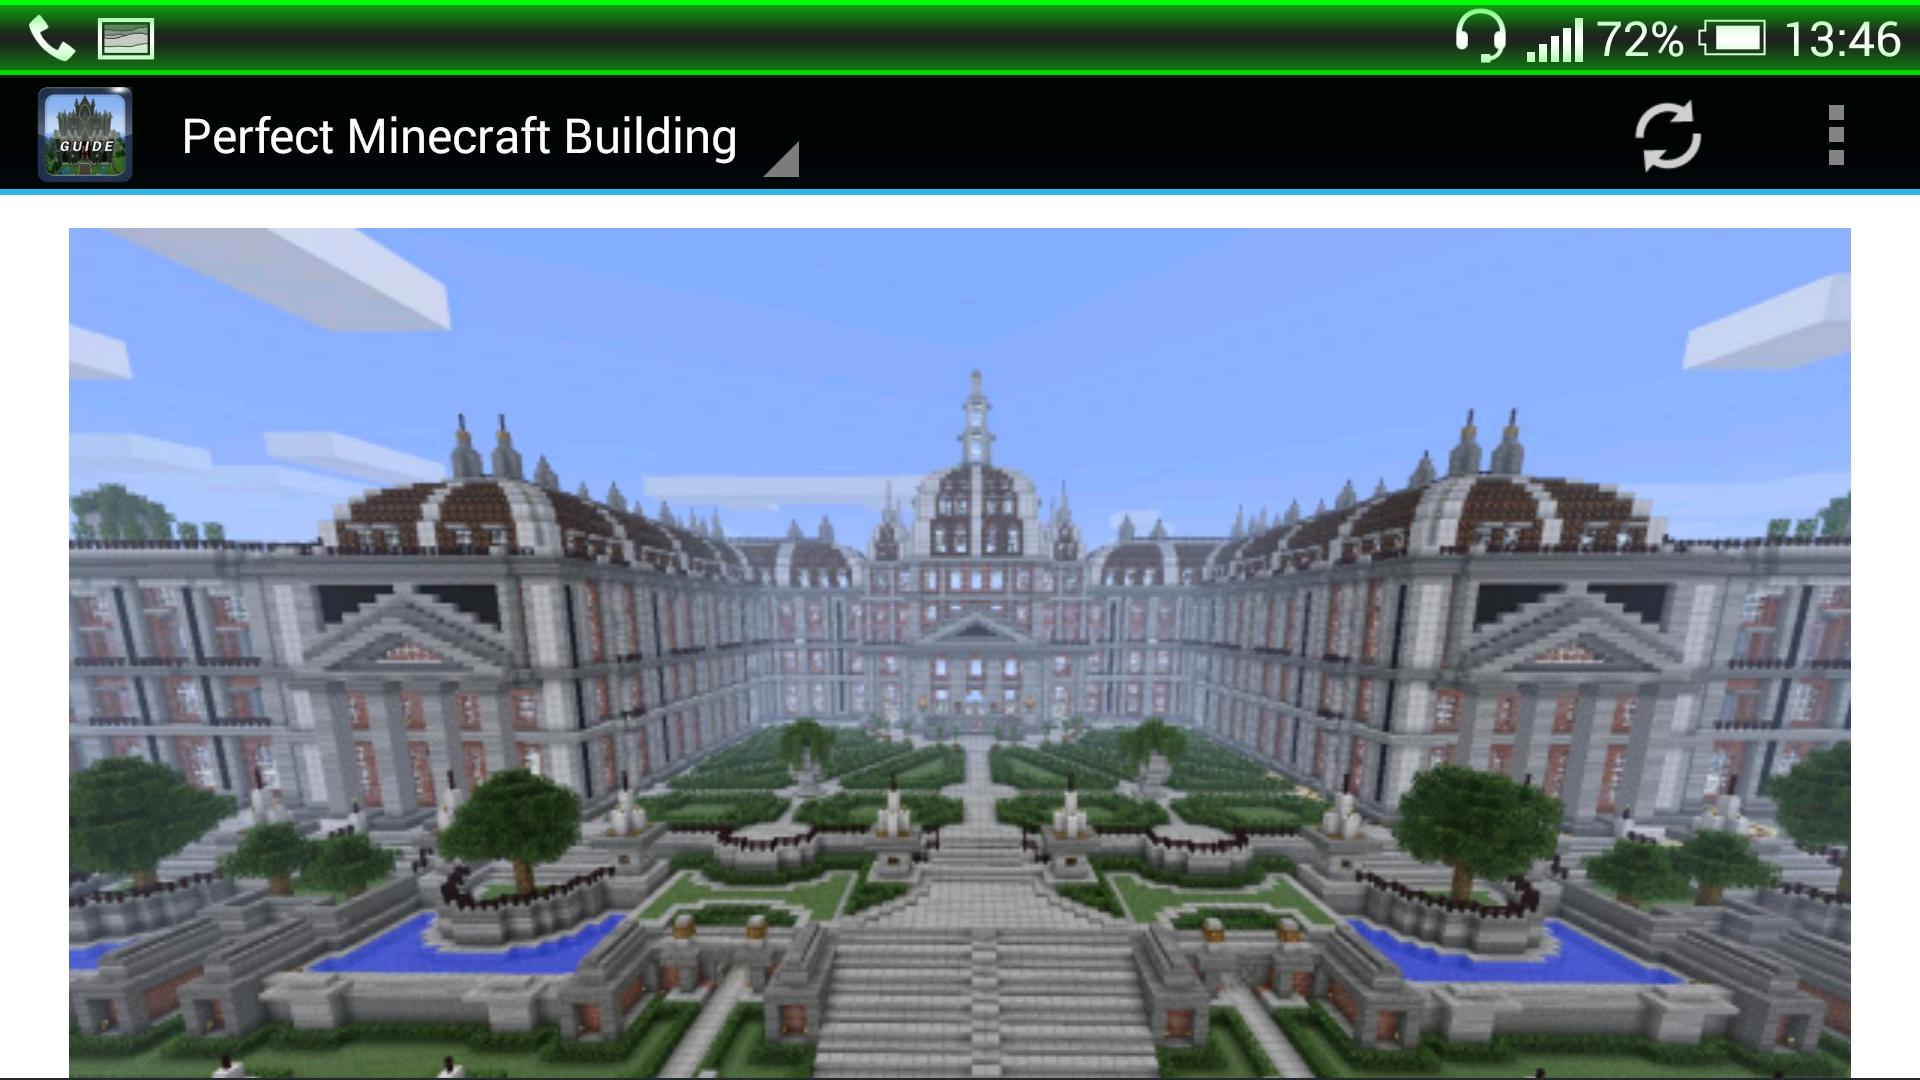 скачать майнкрафт perfect minecraft building